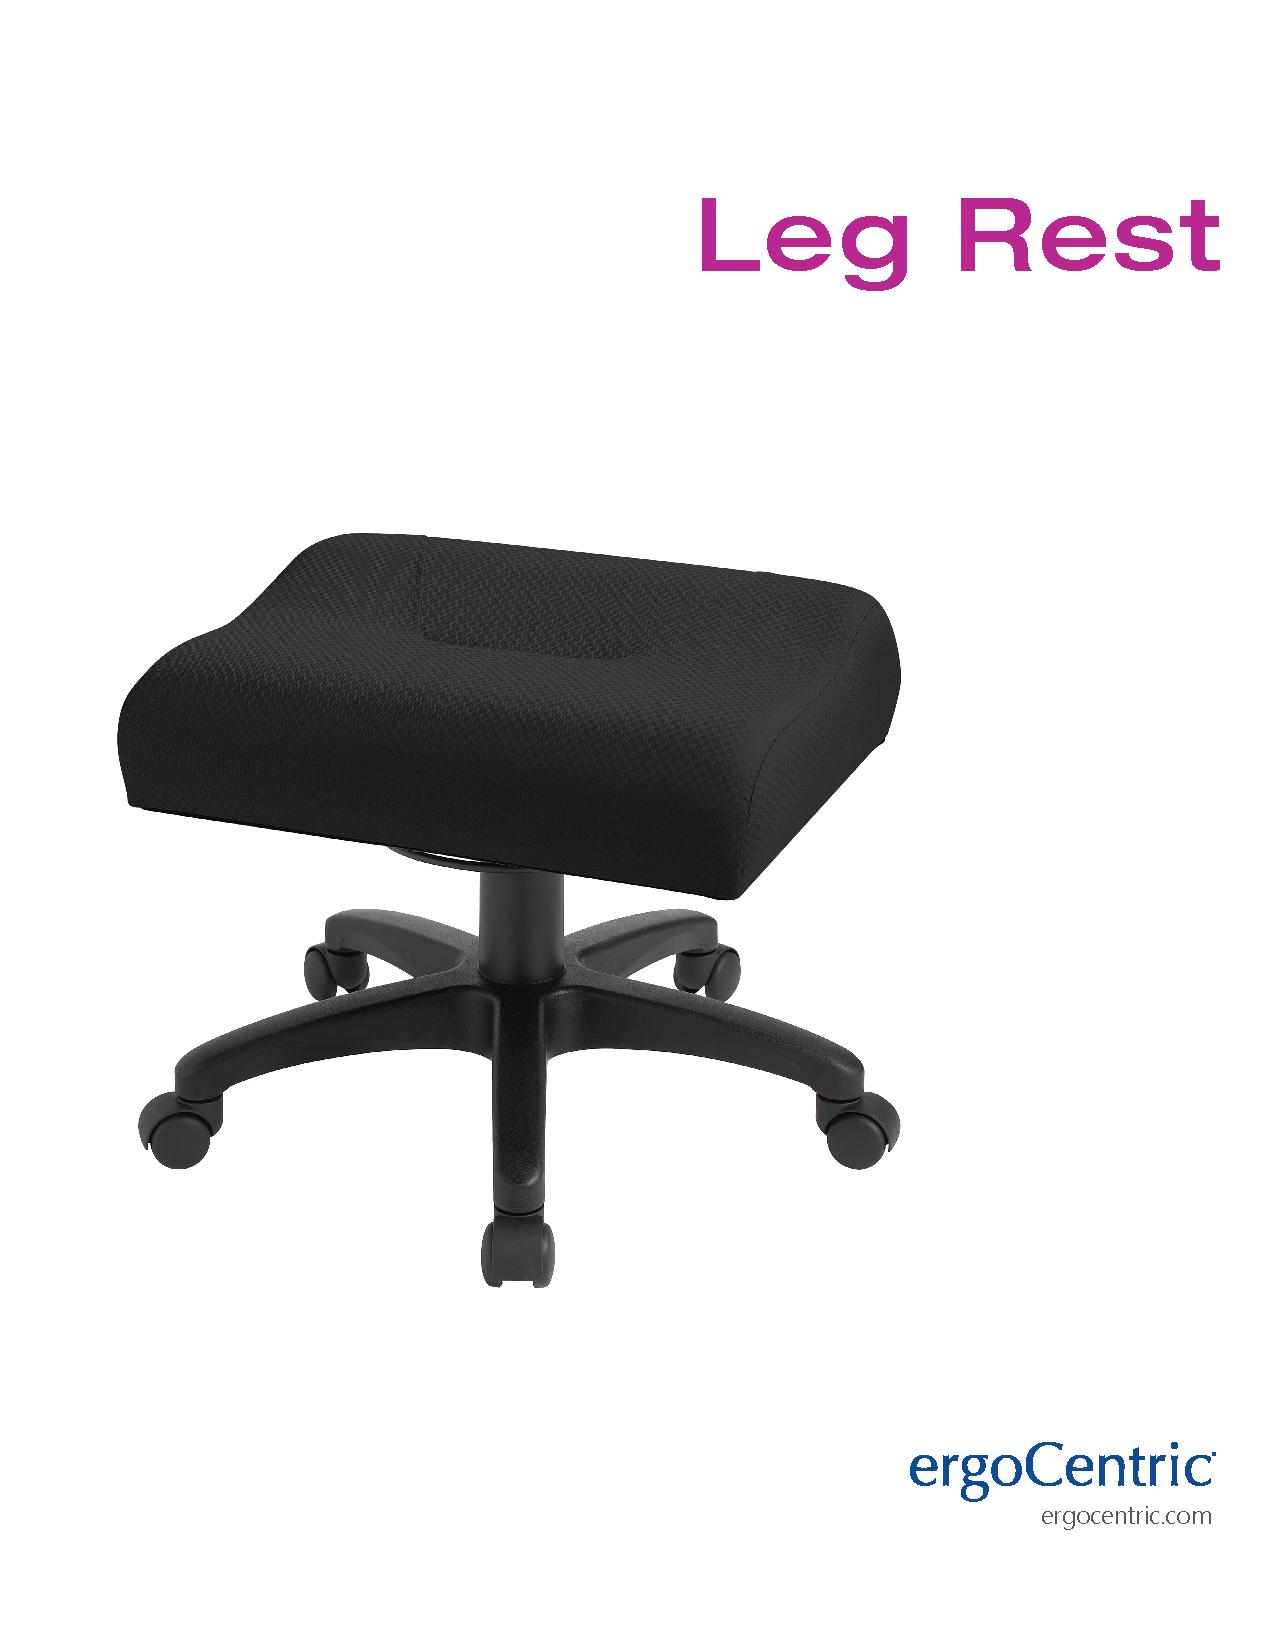 Leg Rest Info Sheet Ergocentric